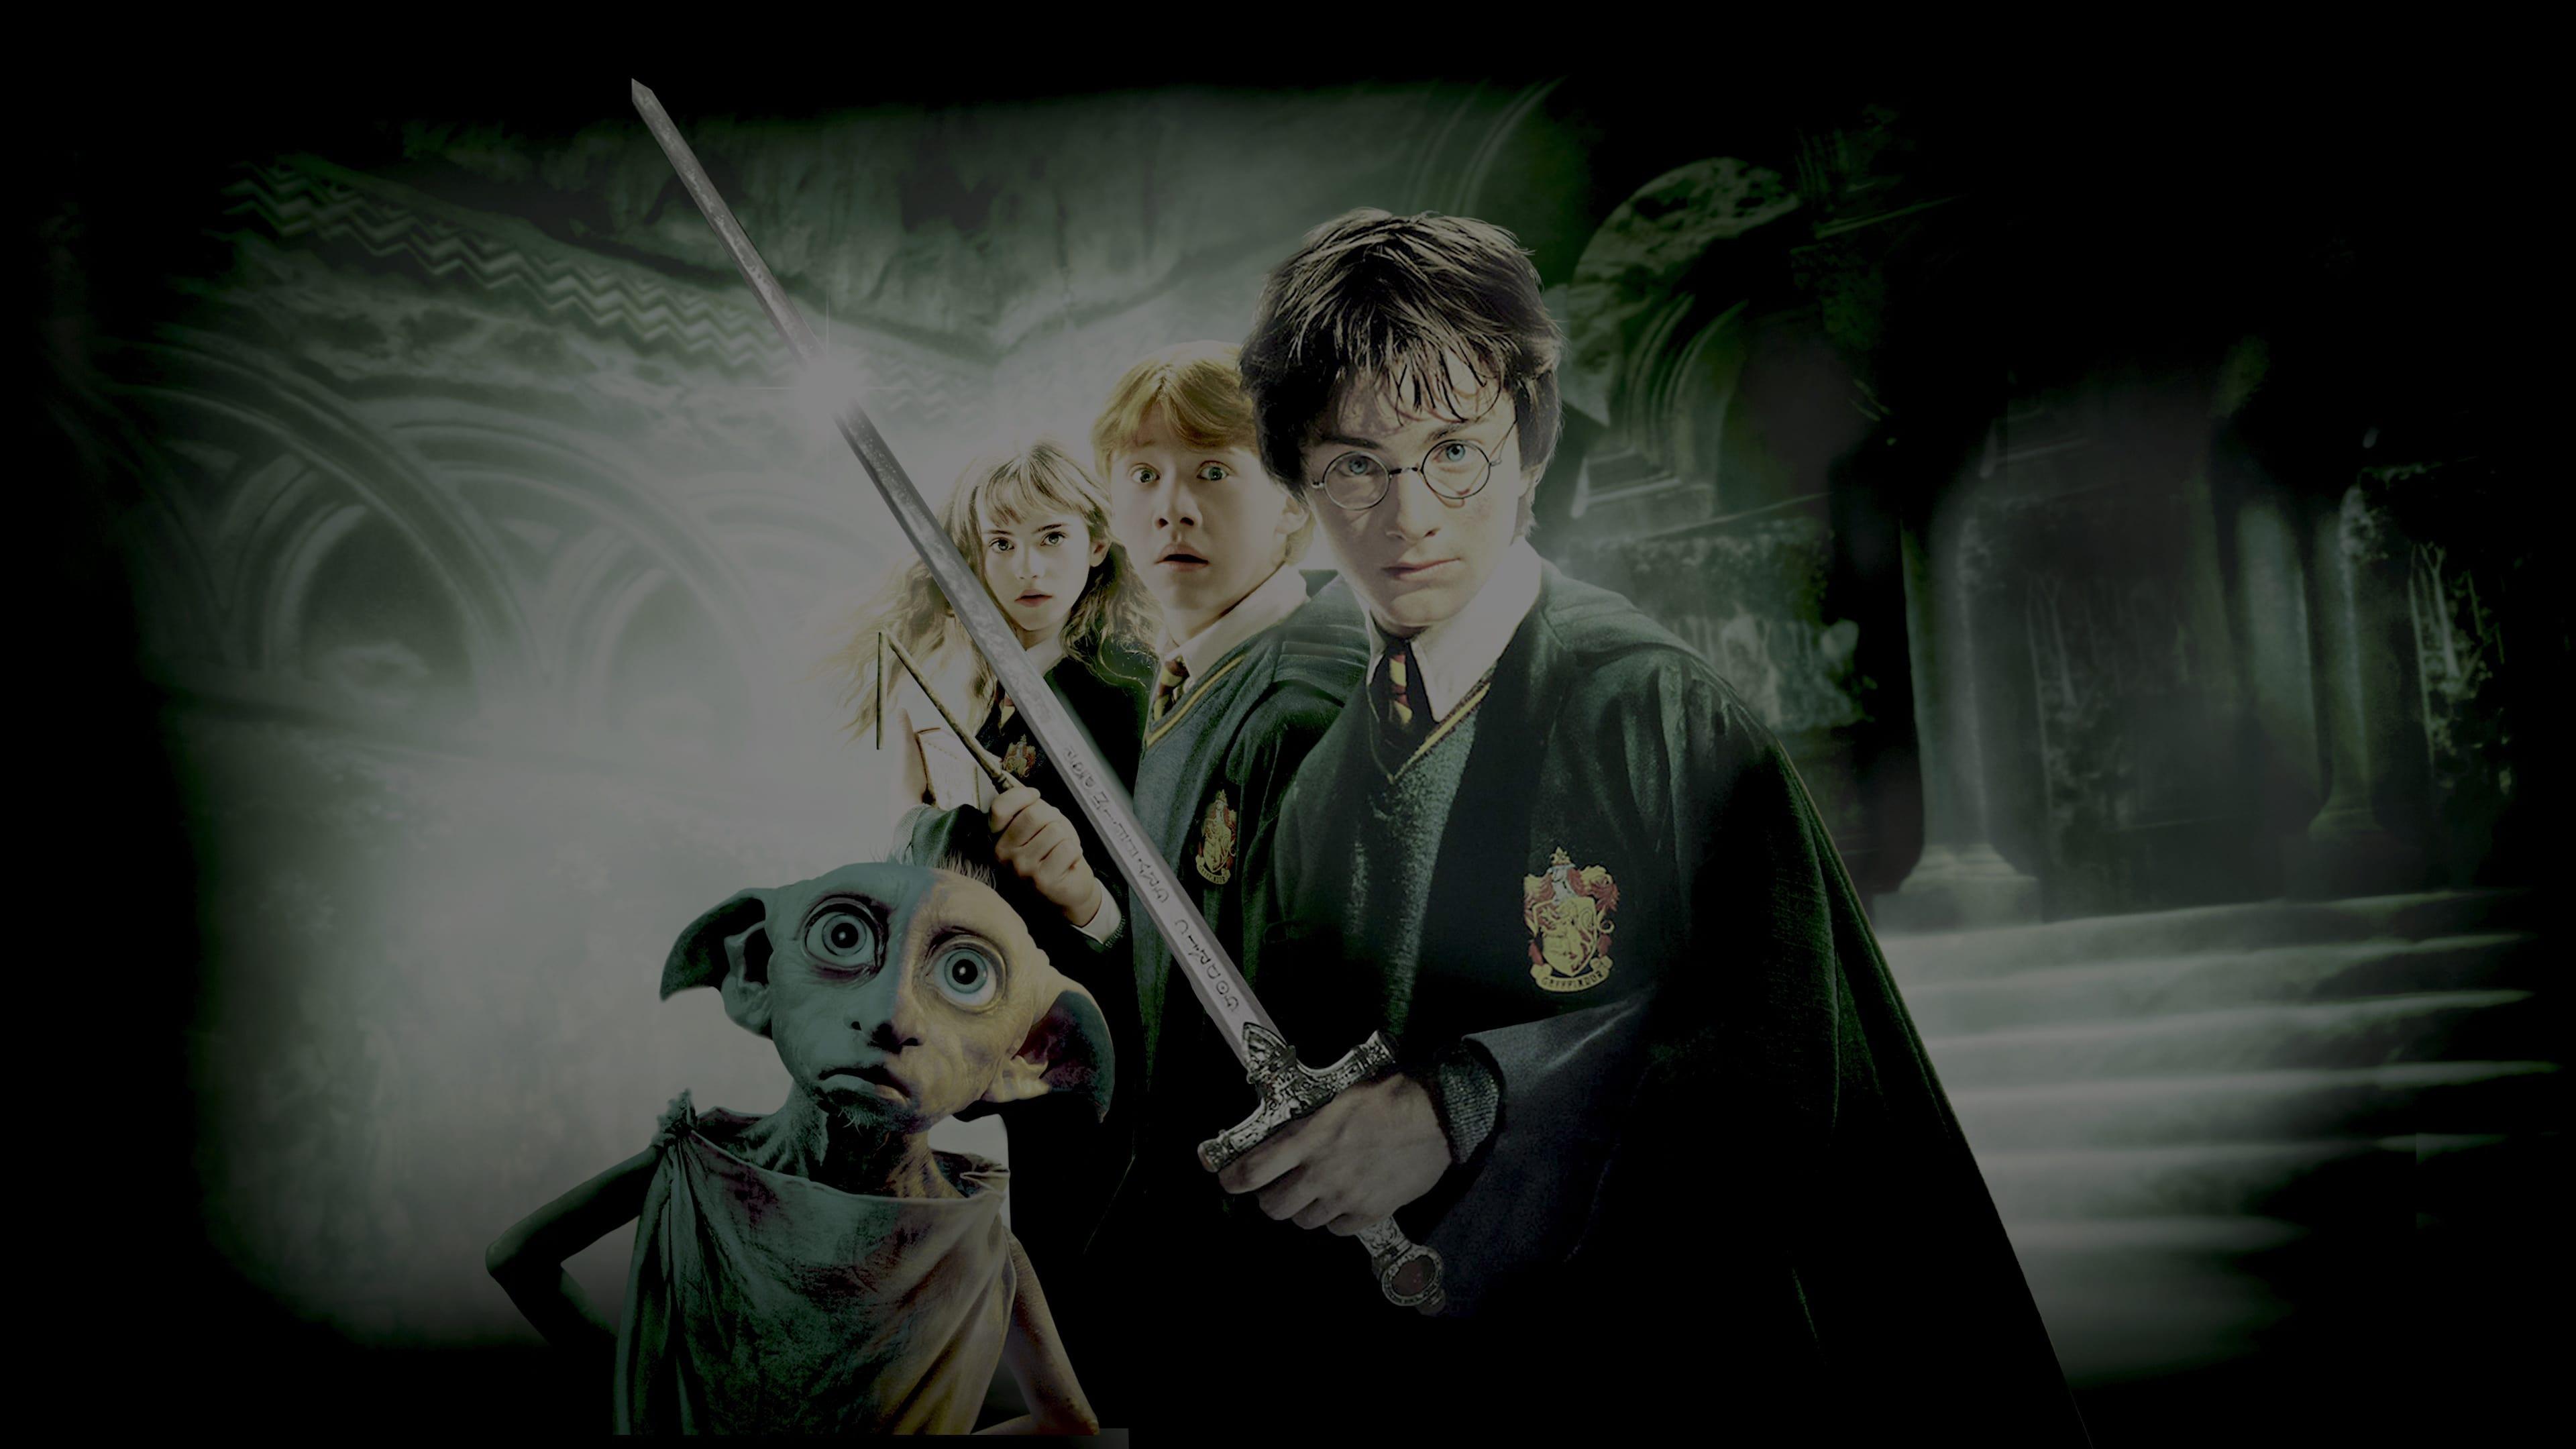 Regarder harry potter et la chambre des secrets film - Harry potter la chambre des secrets streaming vf ...